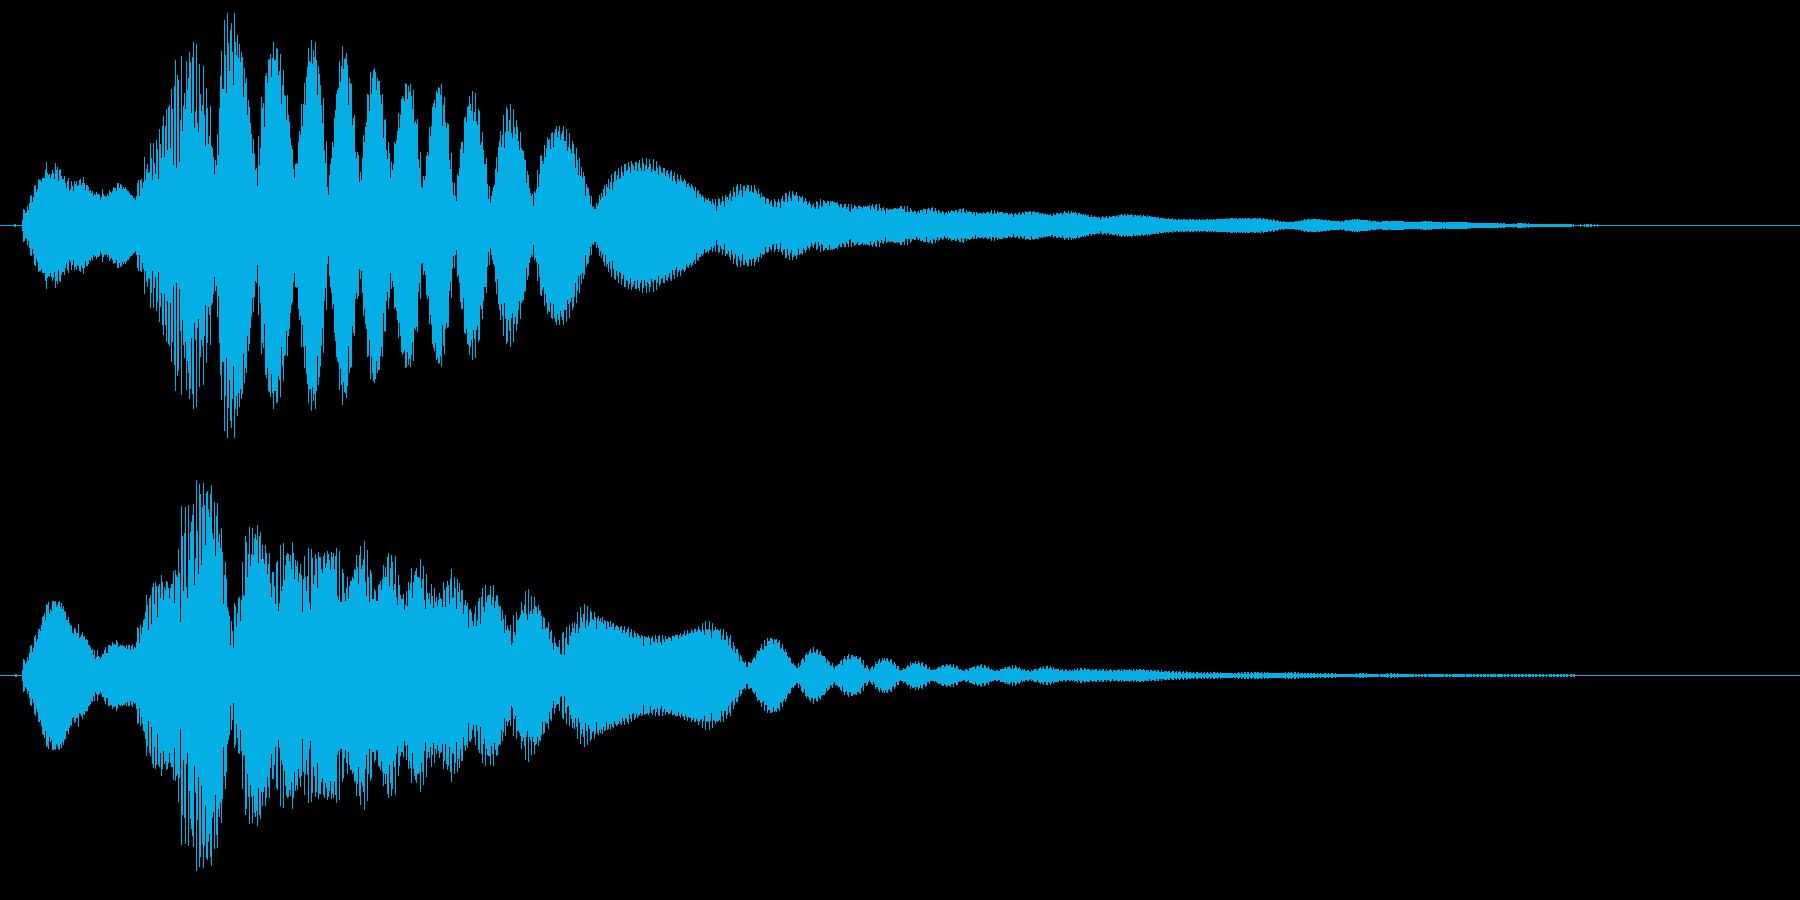 キラーン(勝利を意味するドヤ顔音)の再生済みの波形